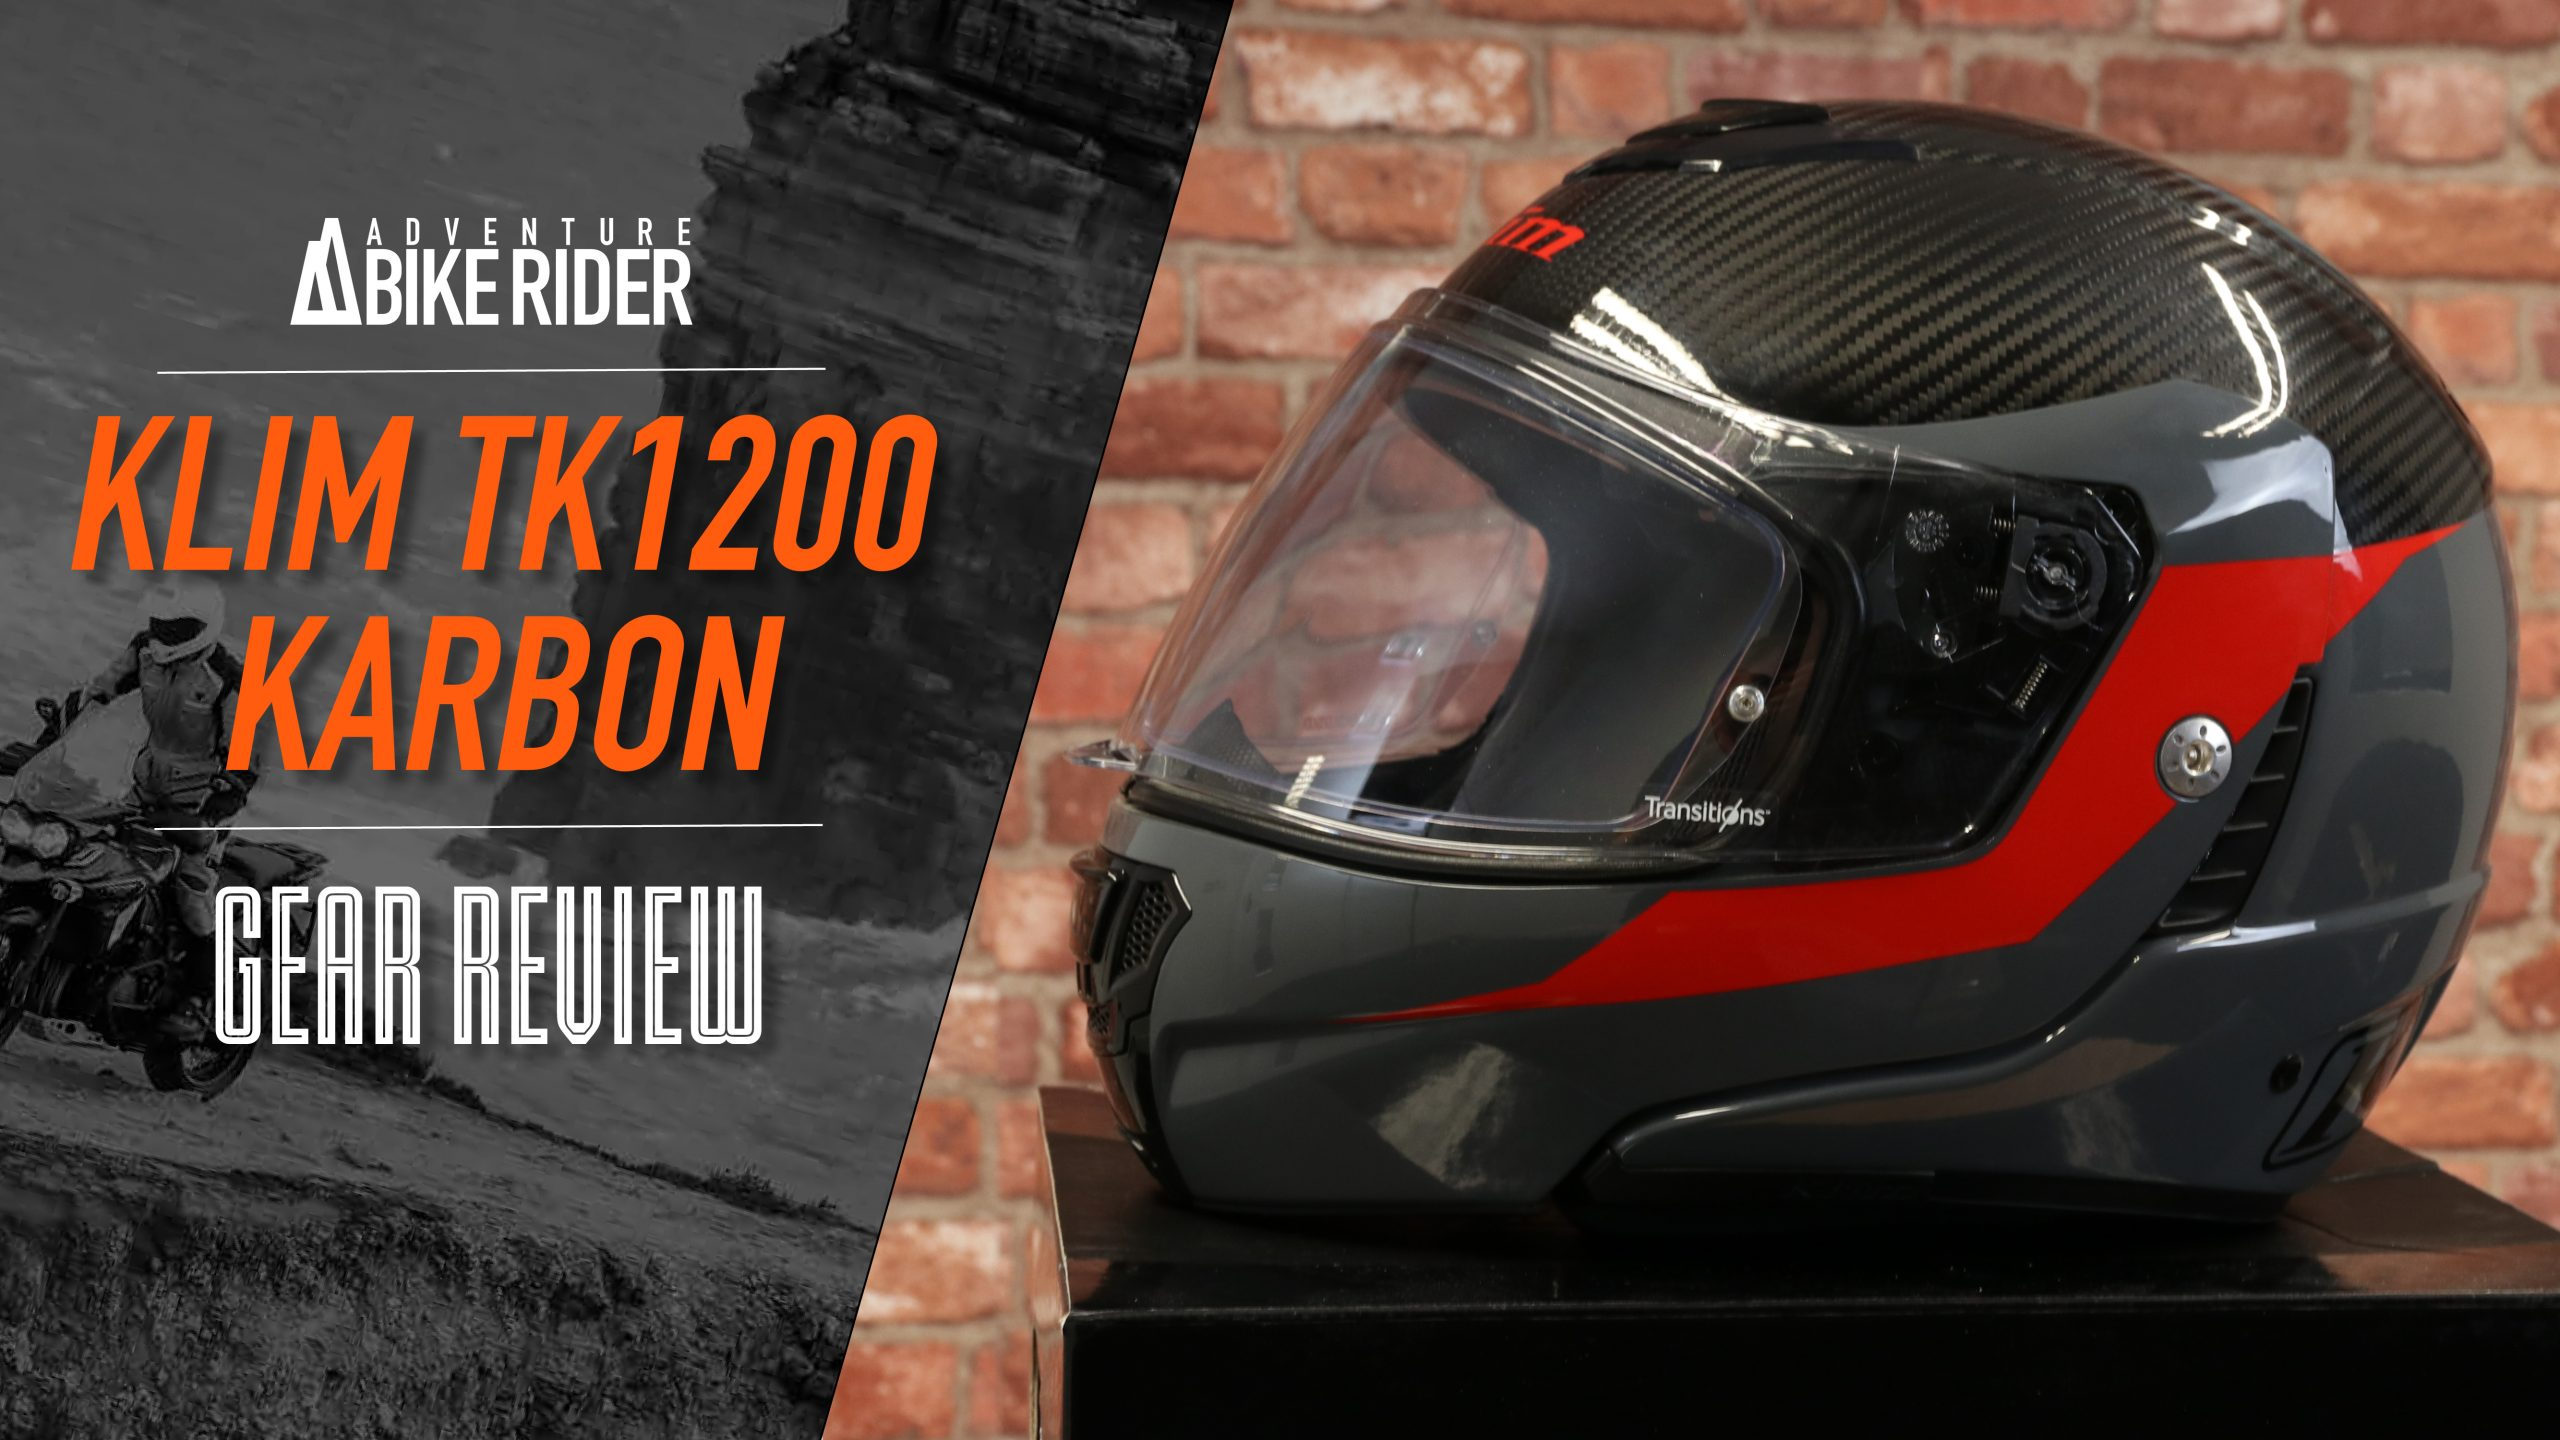 Klim tk1200 helmet review